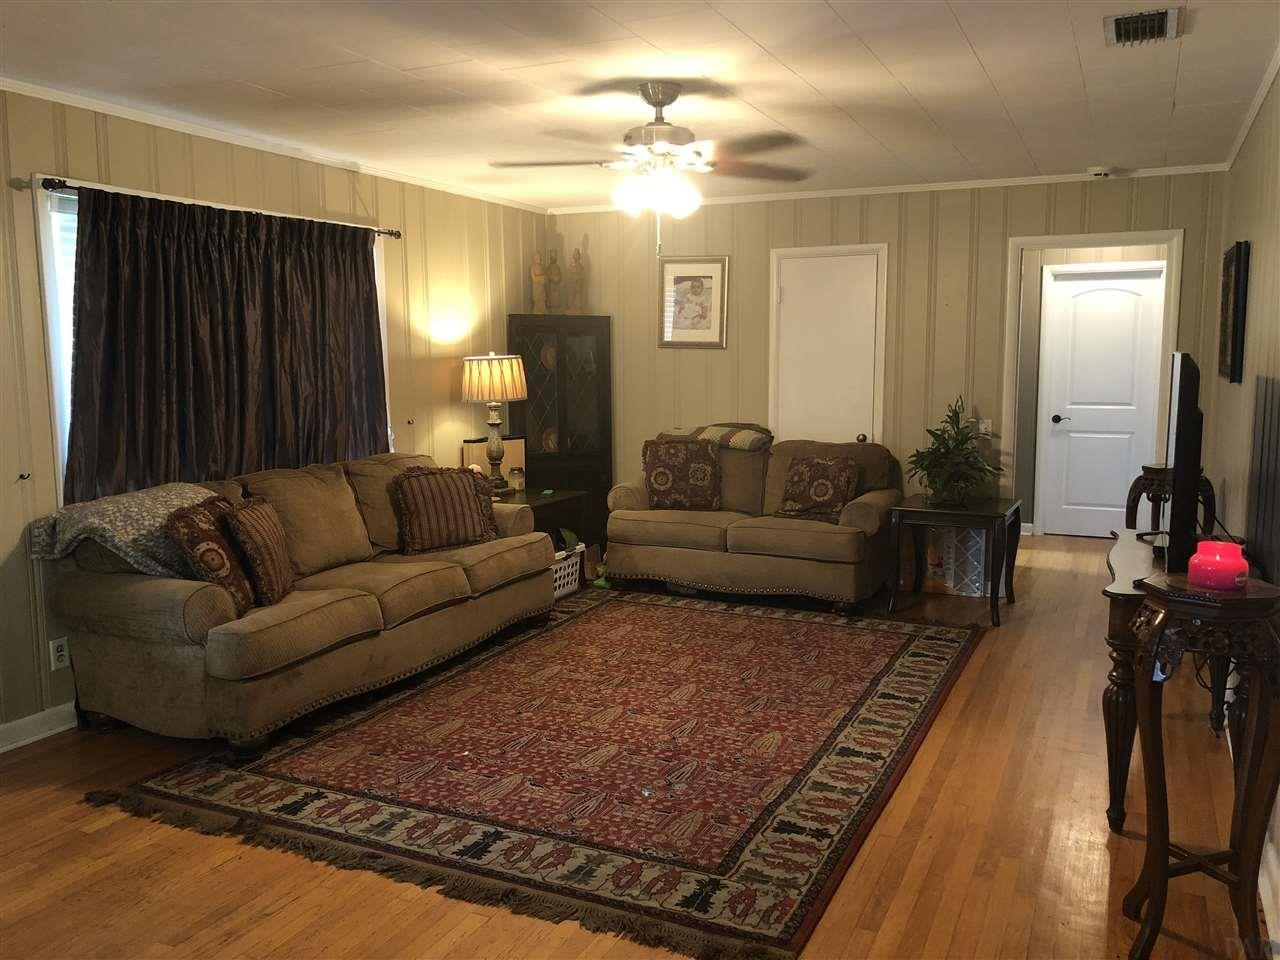 28 Old Bratt Rd, Atmore, AL 36502